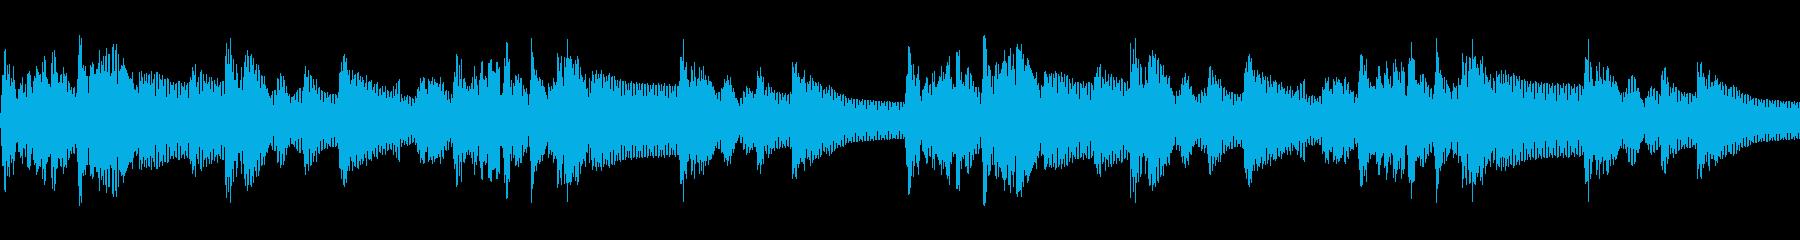 クイズ番組のシンキングタイムBGMの再生済みの波形